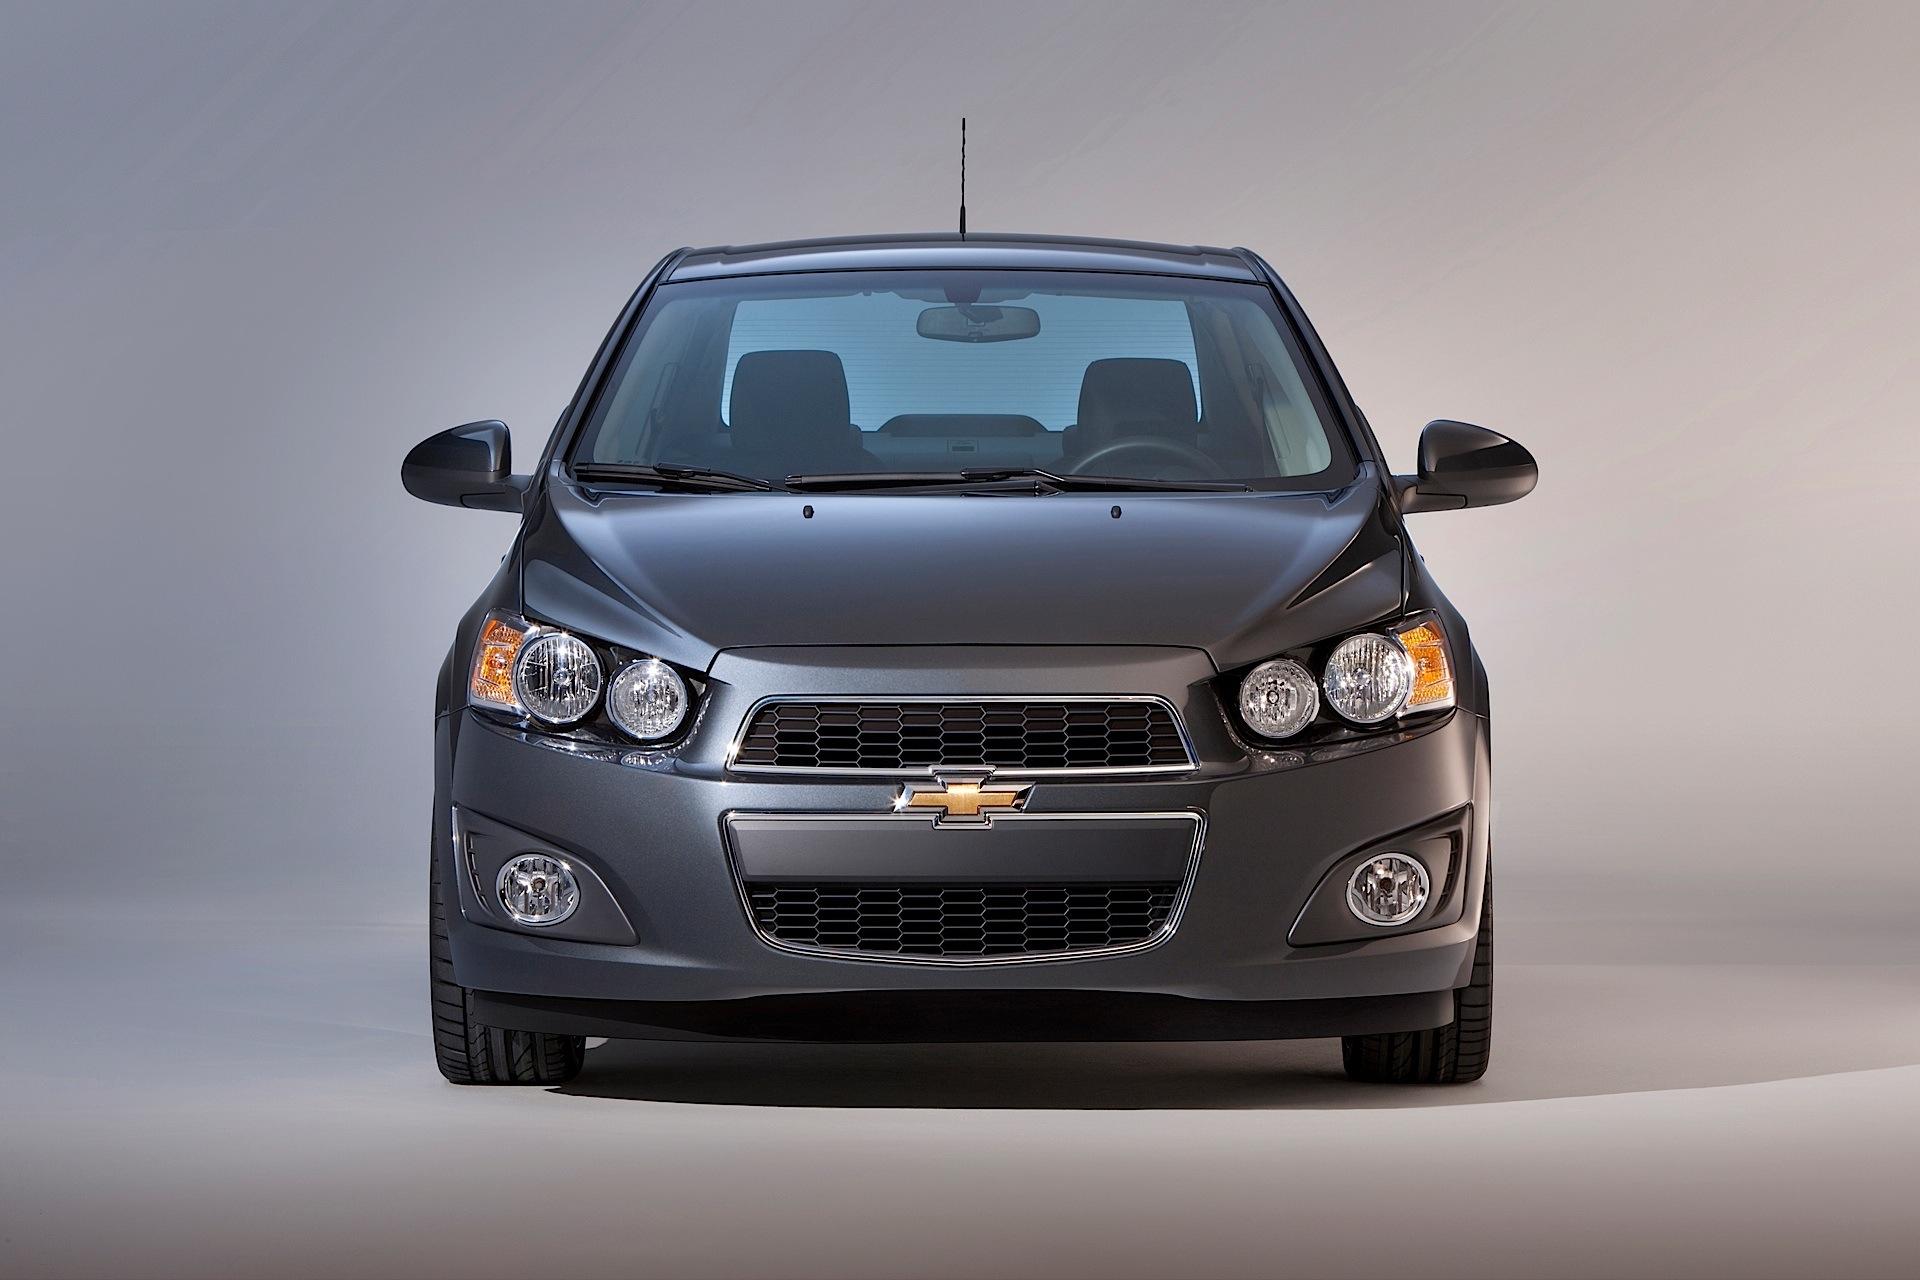 Chevrolet Sonic Hatchback 5 Doors Specs Amp Photos 2011